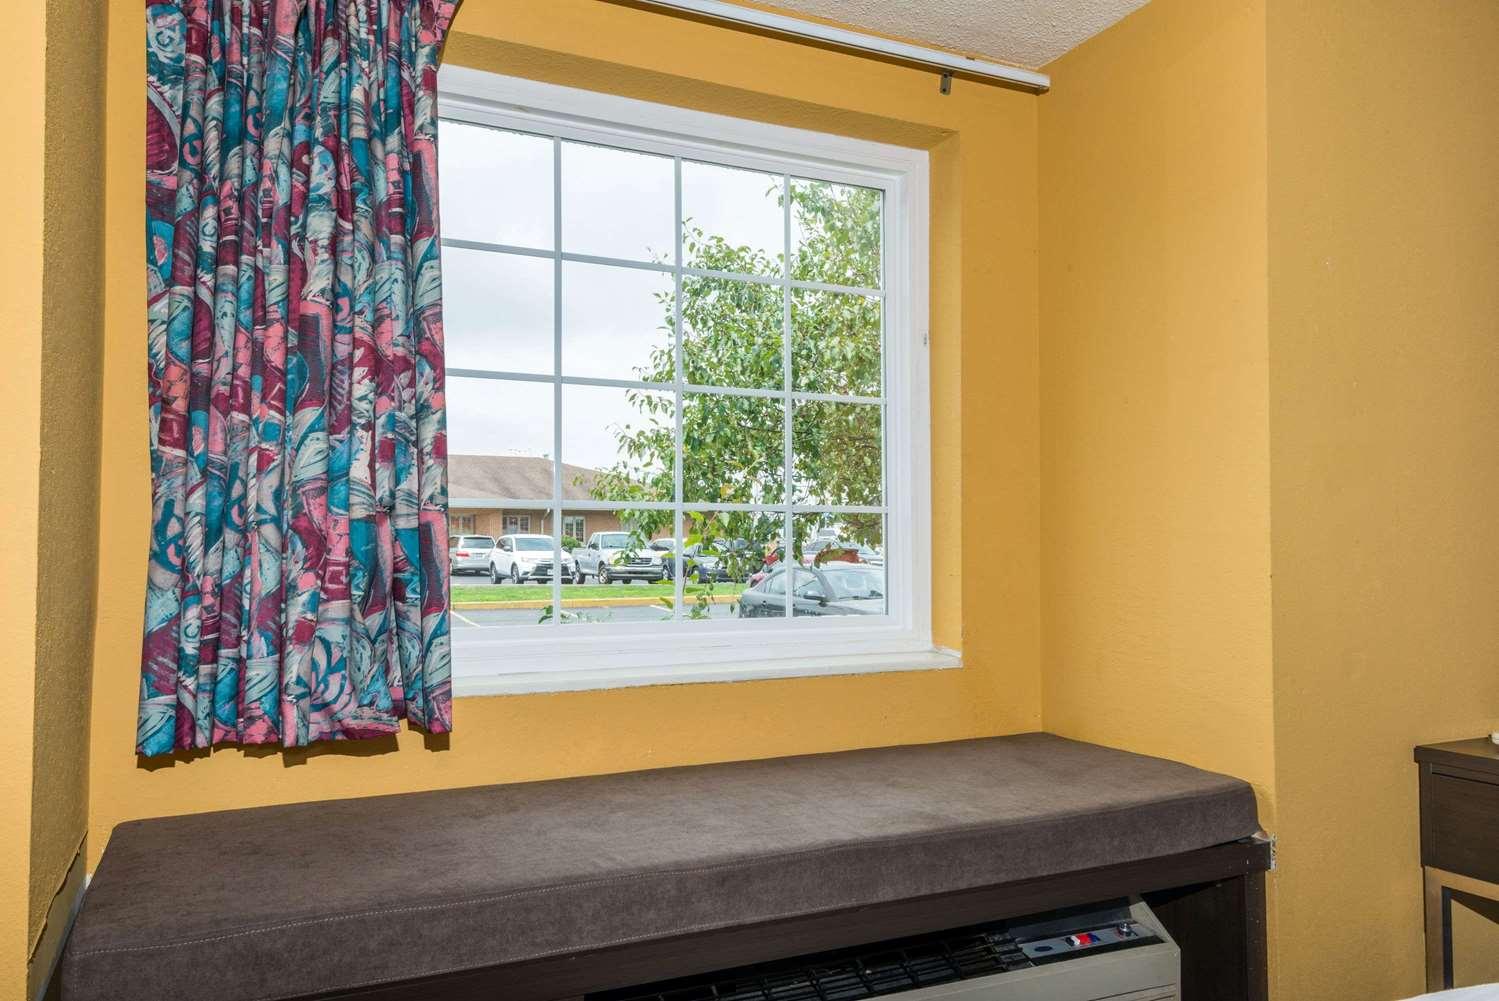 Amenities - Microtel Inn & Suites by Wyndham Riverside